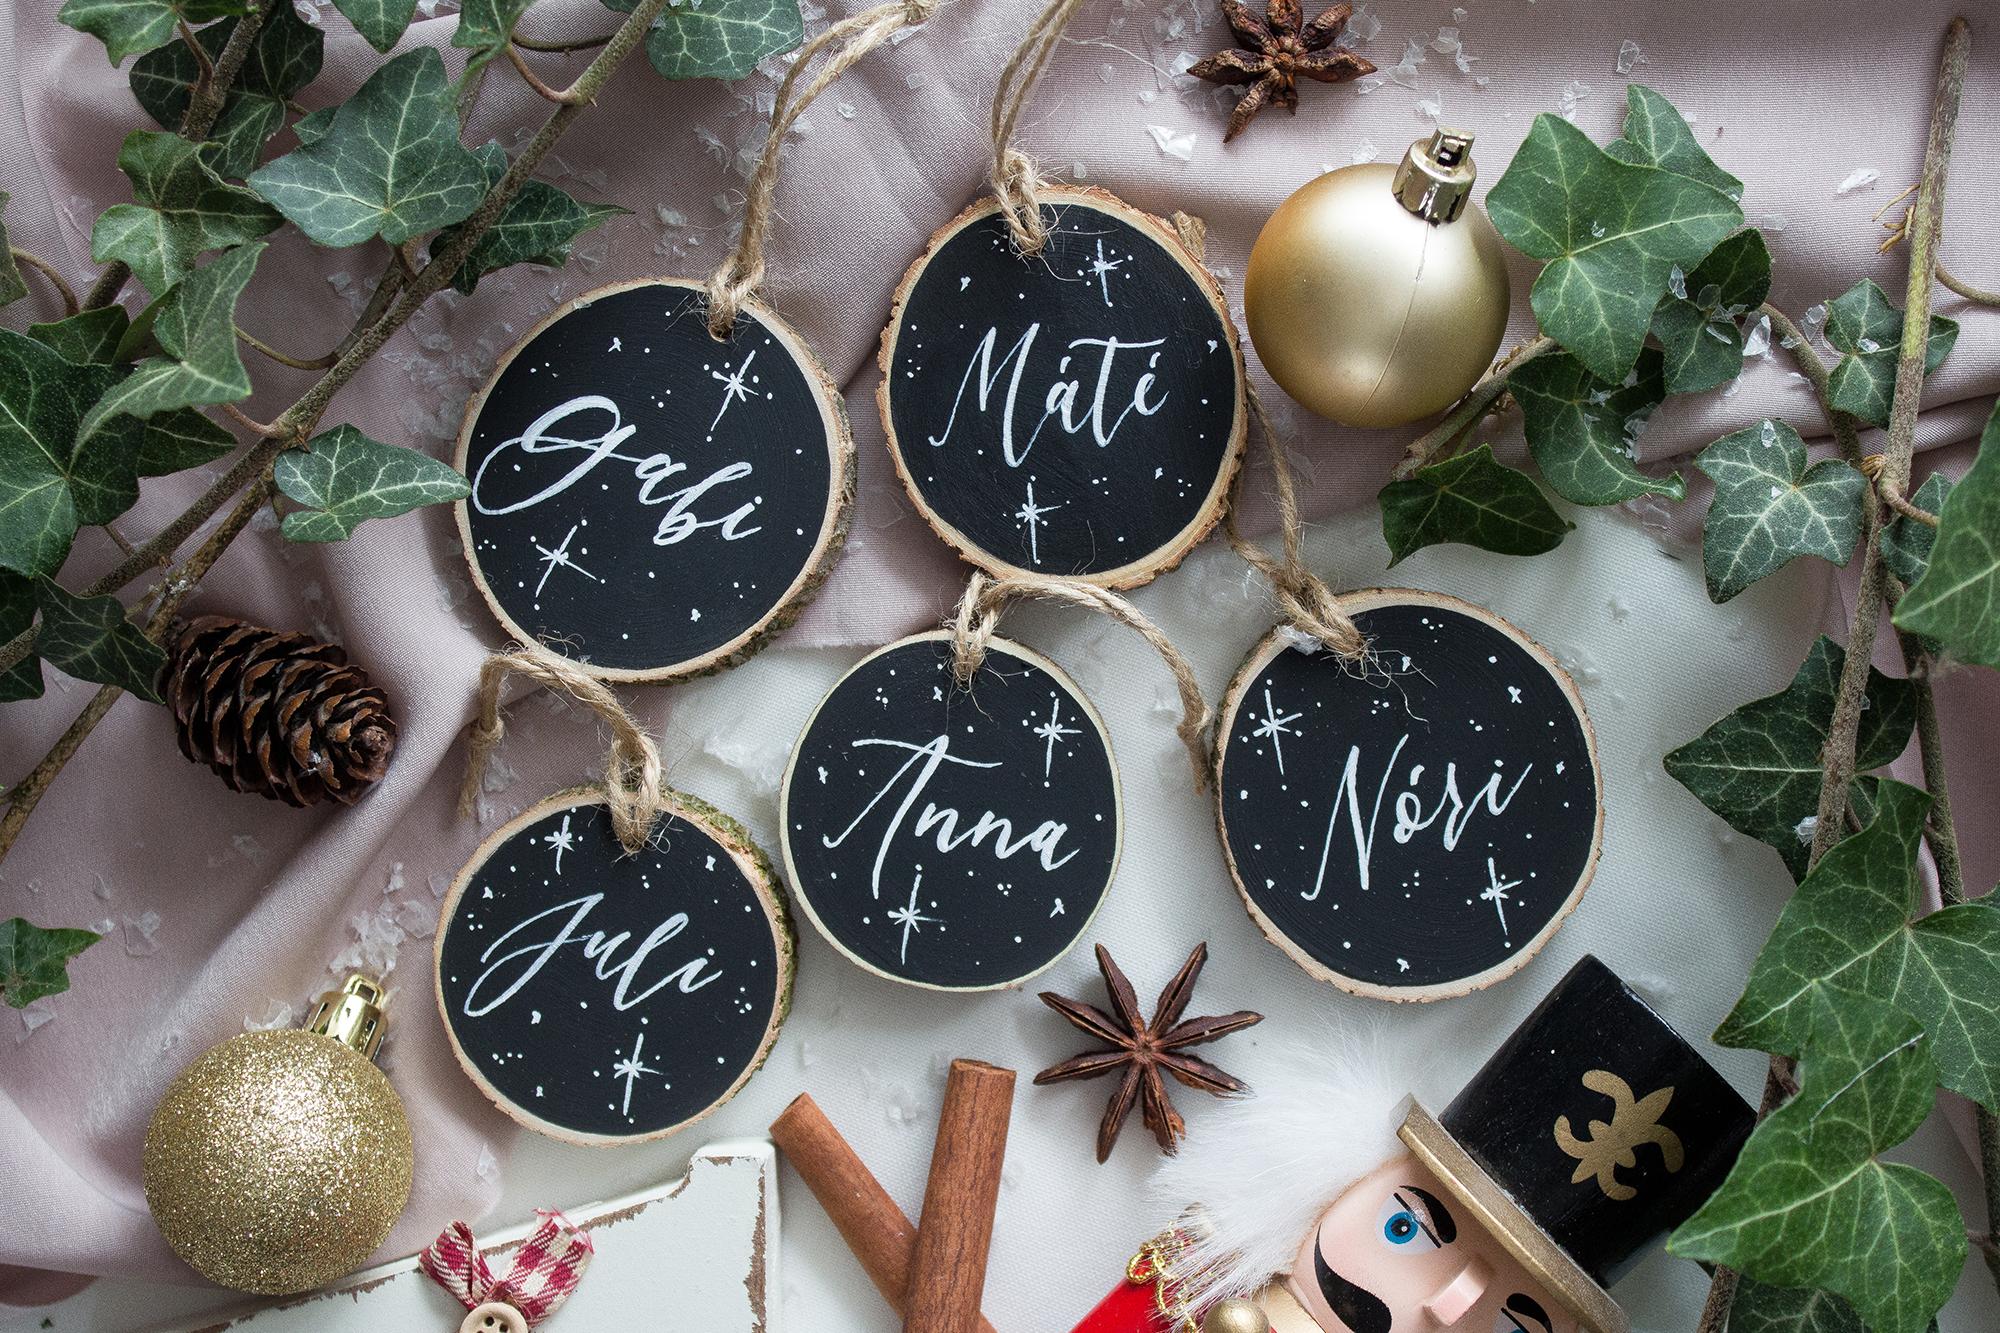 névre szóló karácsonyfadísz